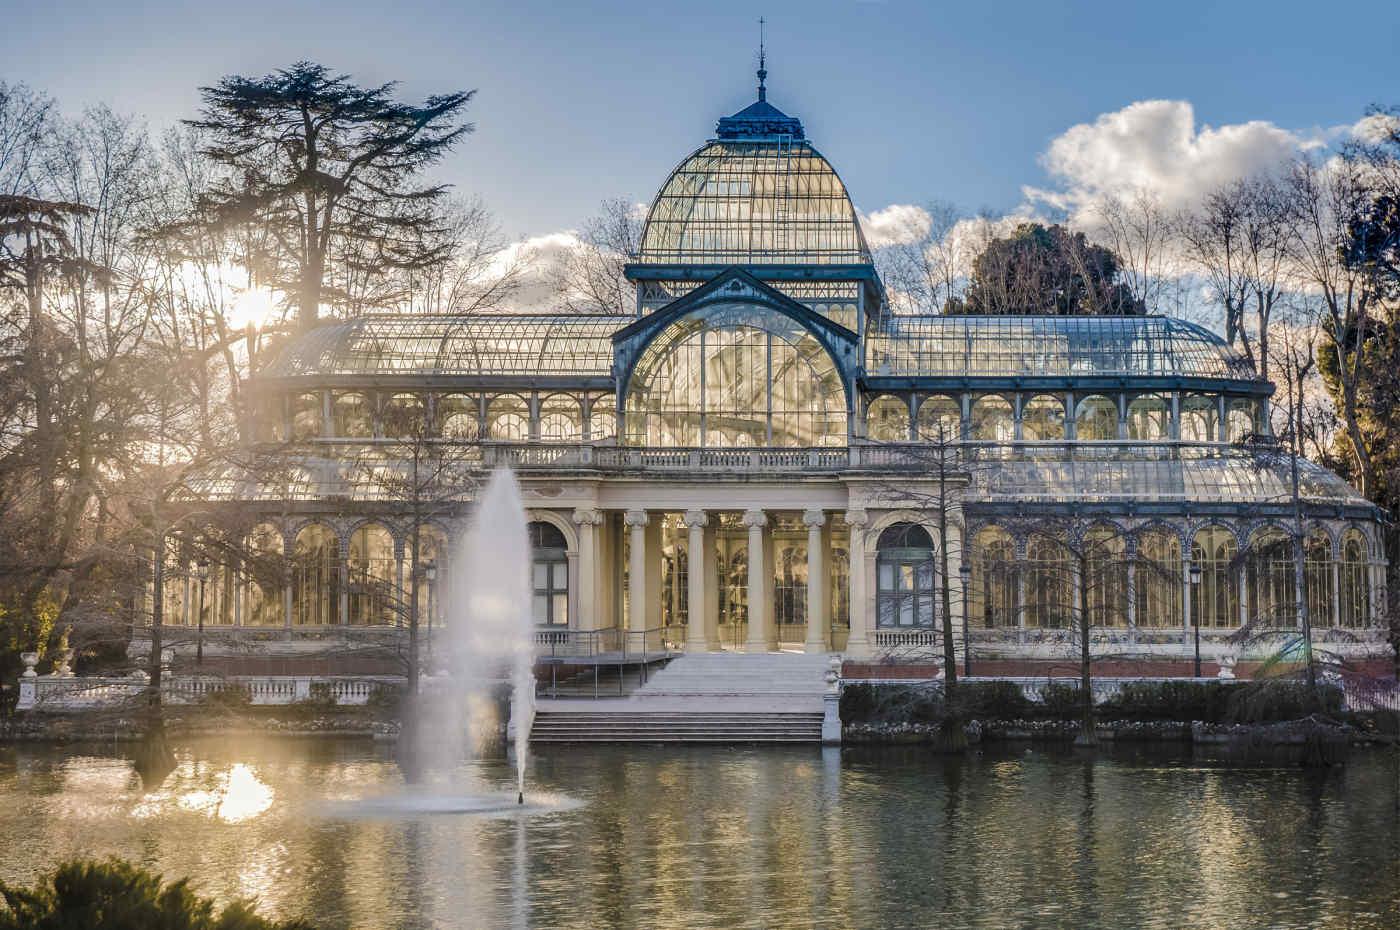 Palacio de Cristal, Spain